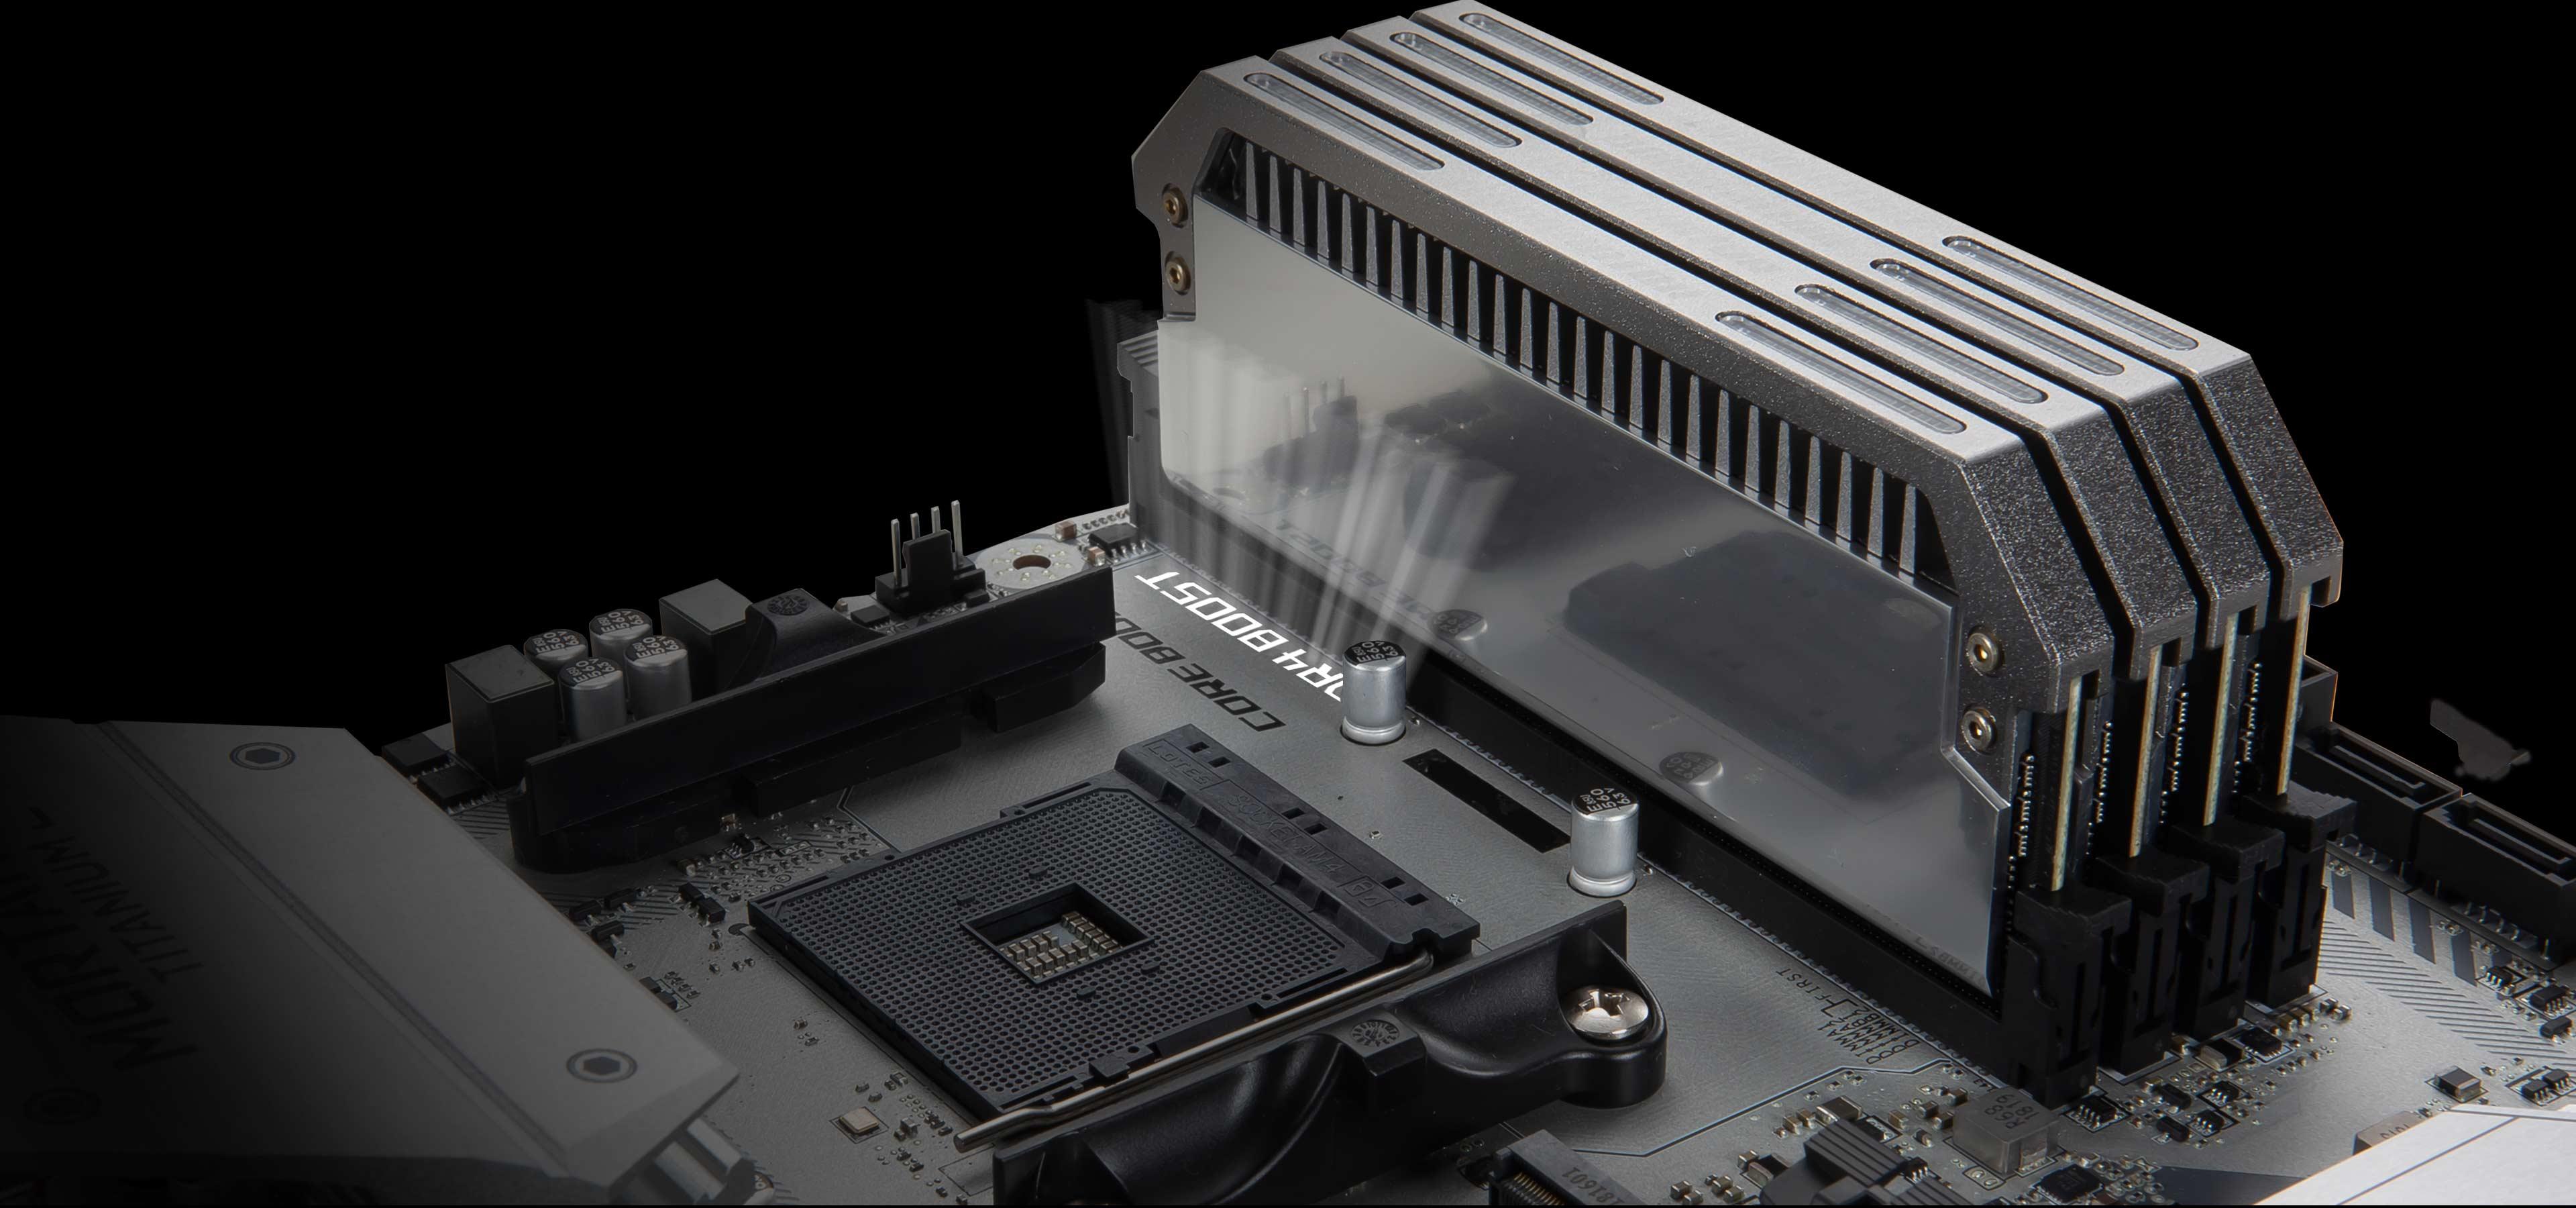 MSI B450M MORTAR TITANIUM Socket AM4 DDR4 USB3.1 AMD B450 Micro ATX Motherboard